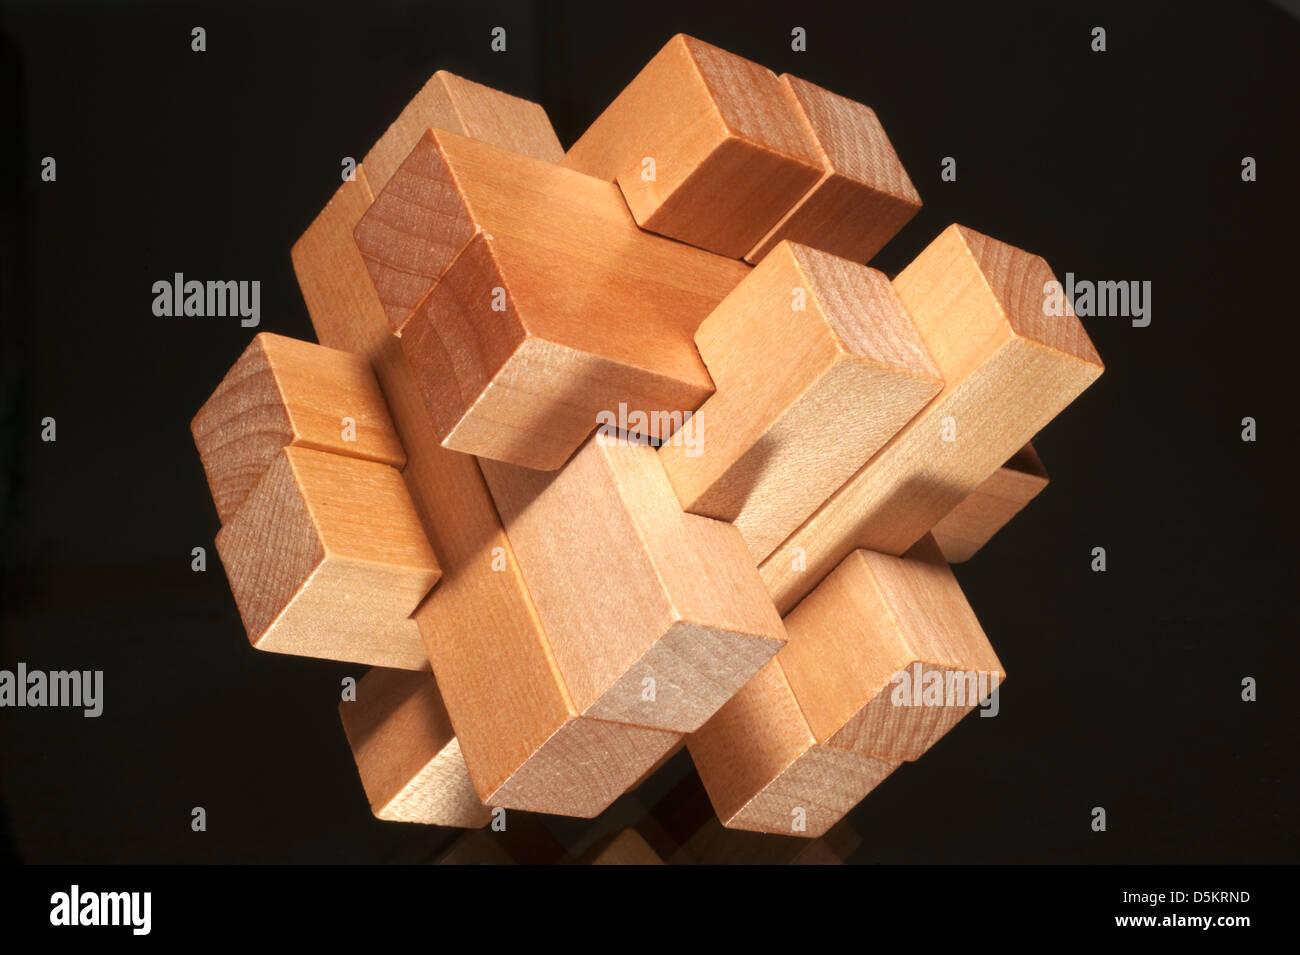 La costruzione di blocchi costituenti un impegnativo puzzle isolata su uno sfondo nero Immagini Stock